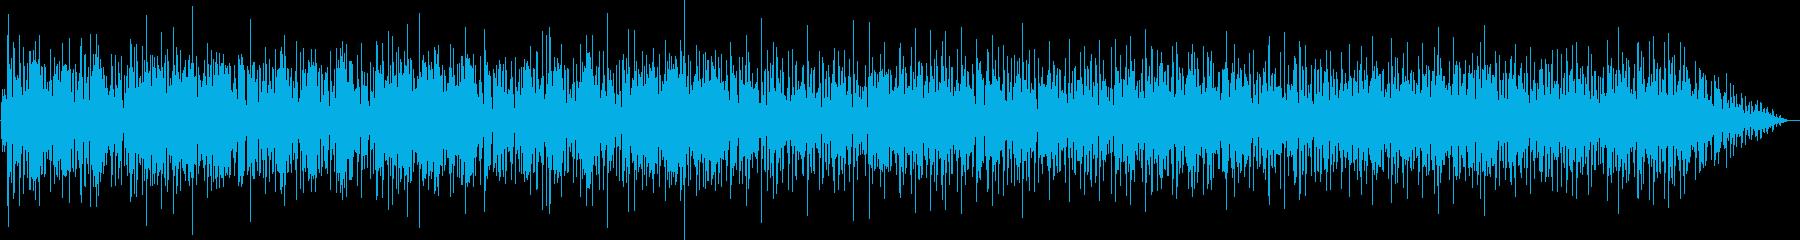 お洒落なピアノの再生済みの波形